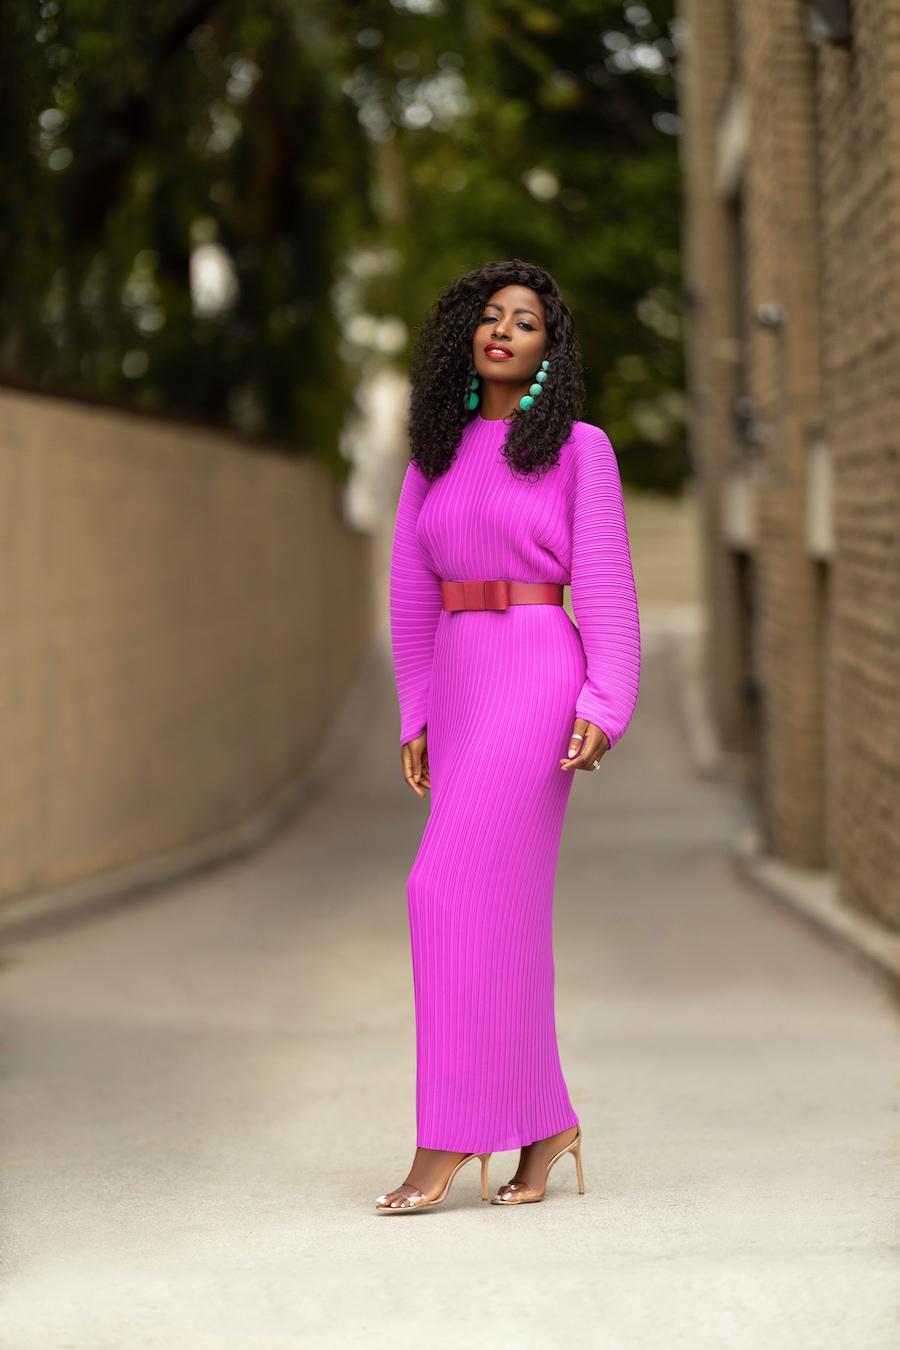 1612584556 965 echa un vistazo a las opciones para comprar y 30 - 40 modelos de vestidos rosas para un look que no pasa desapercibido